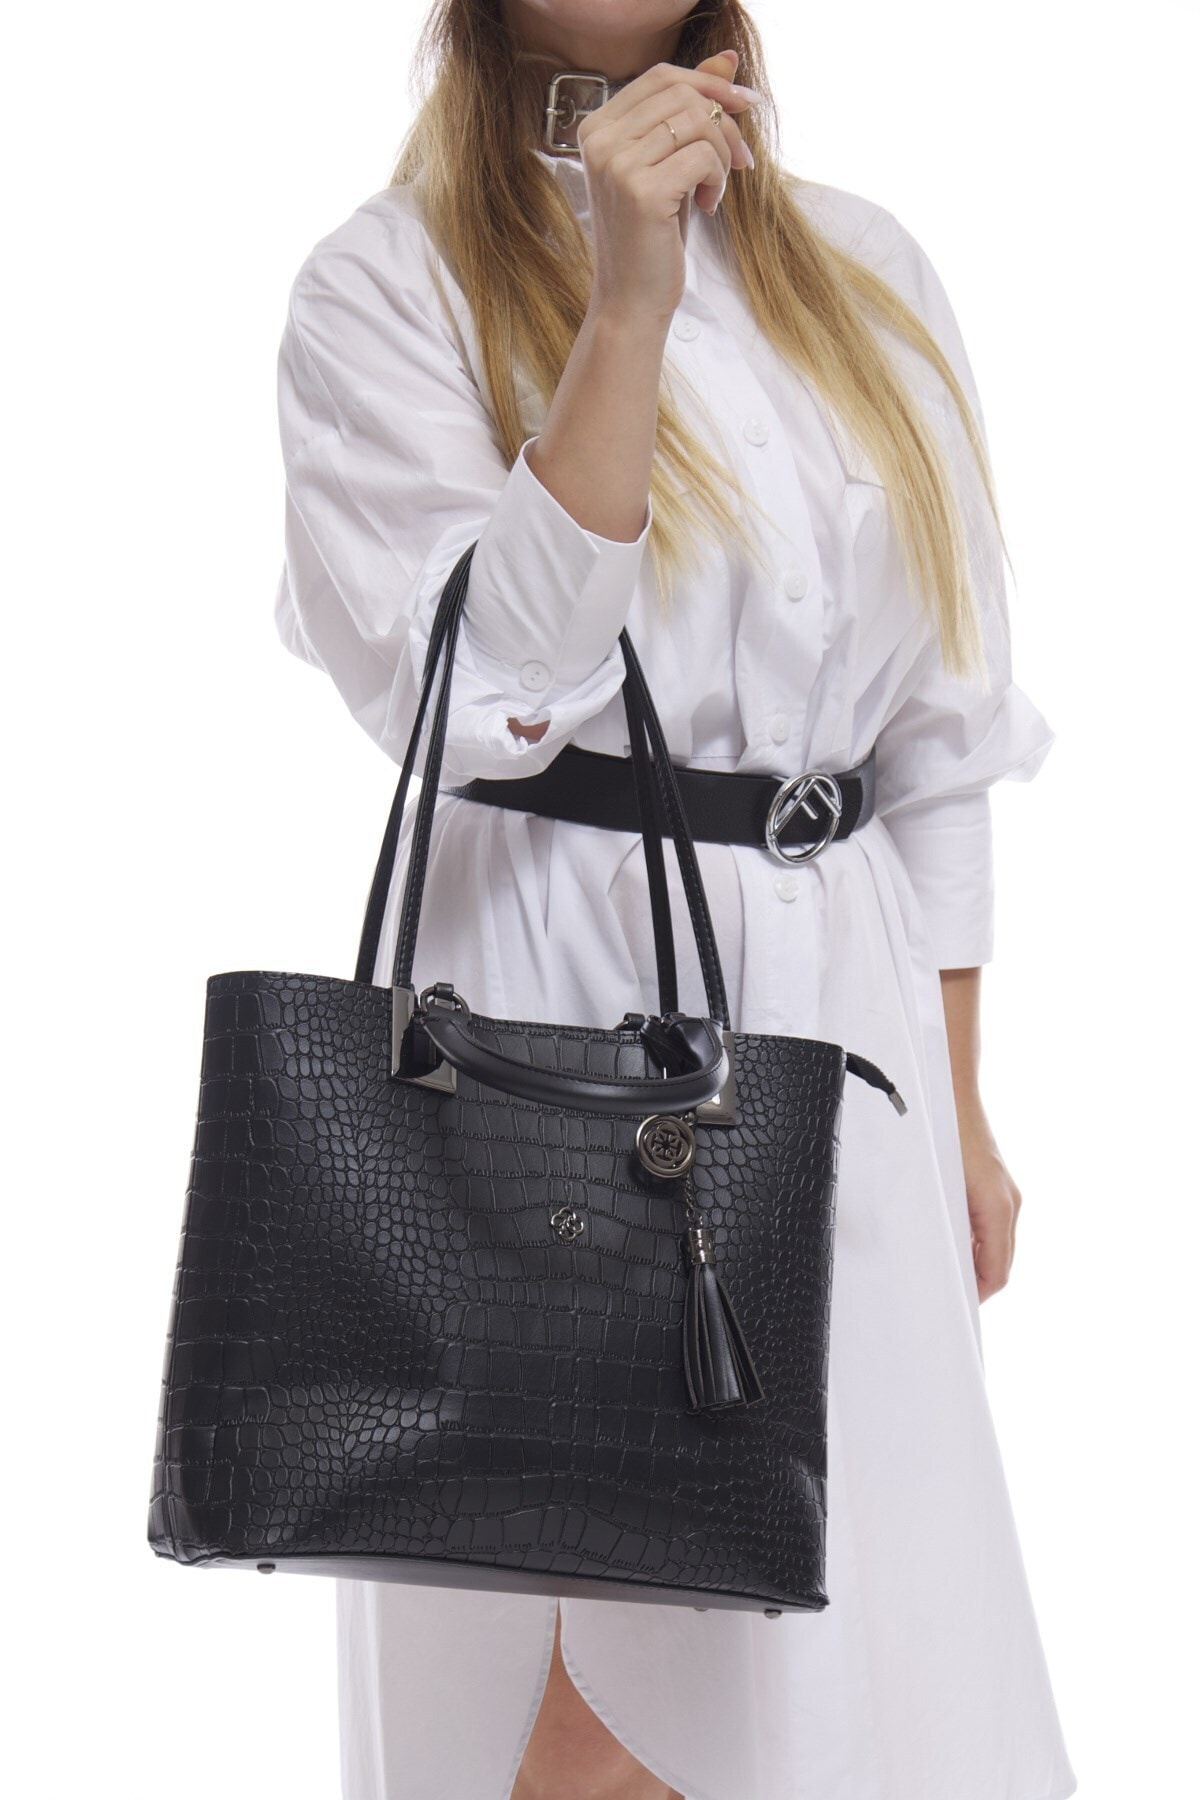 Fume London Siyah Kroko Deri Kadın 3 Bölmeli Askılı El Ve Omuz Çantası Fb3054 2